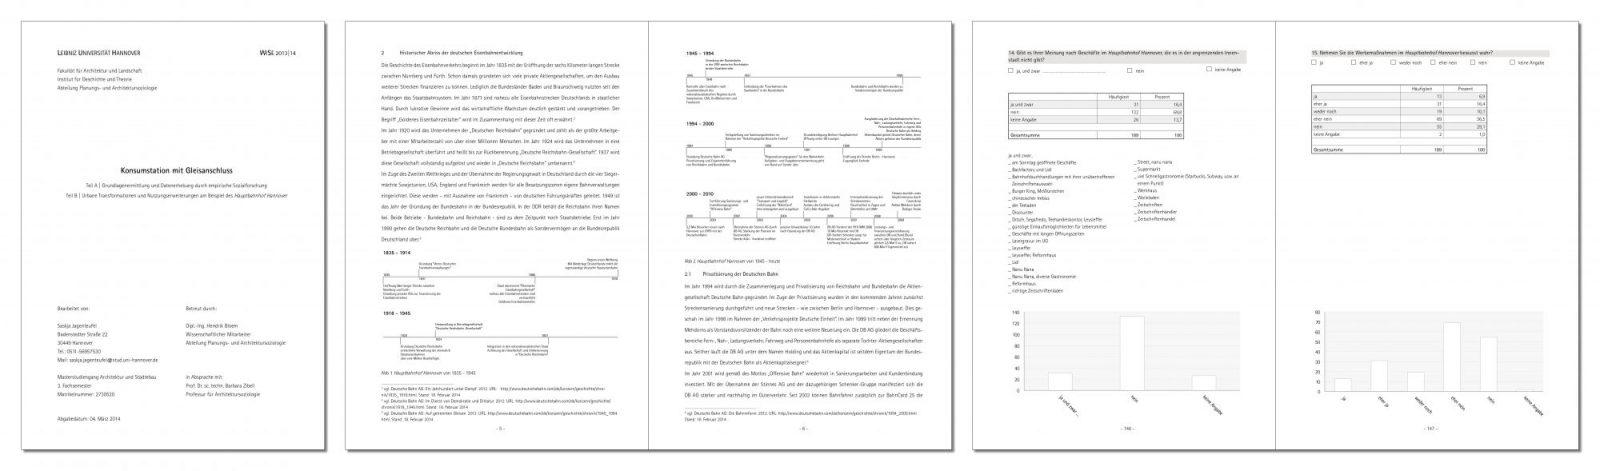 Übersichtblatt Publikation zum Thema Konsumstation mit Gleisanschluss